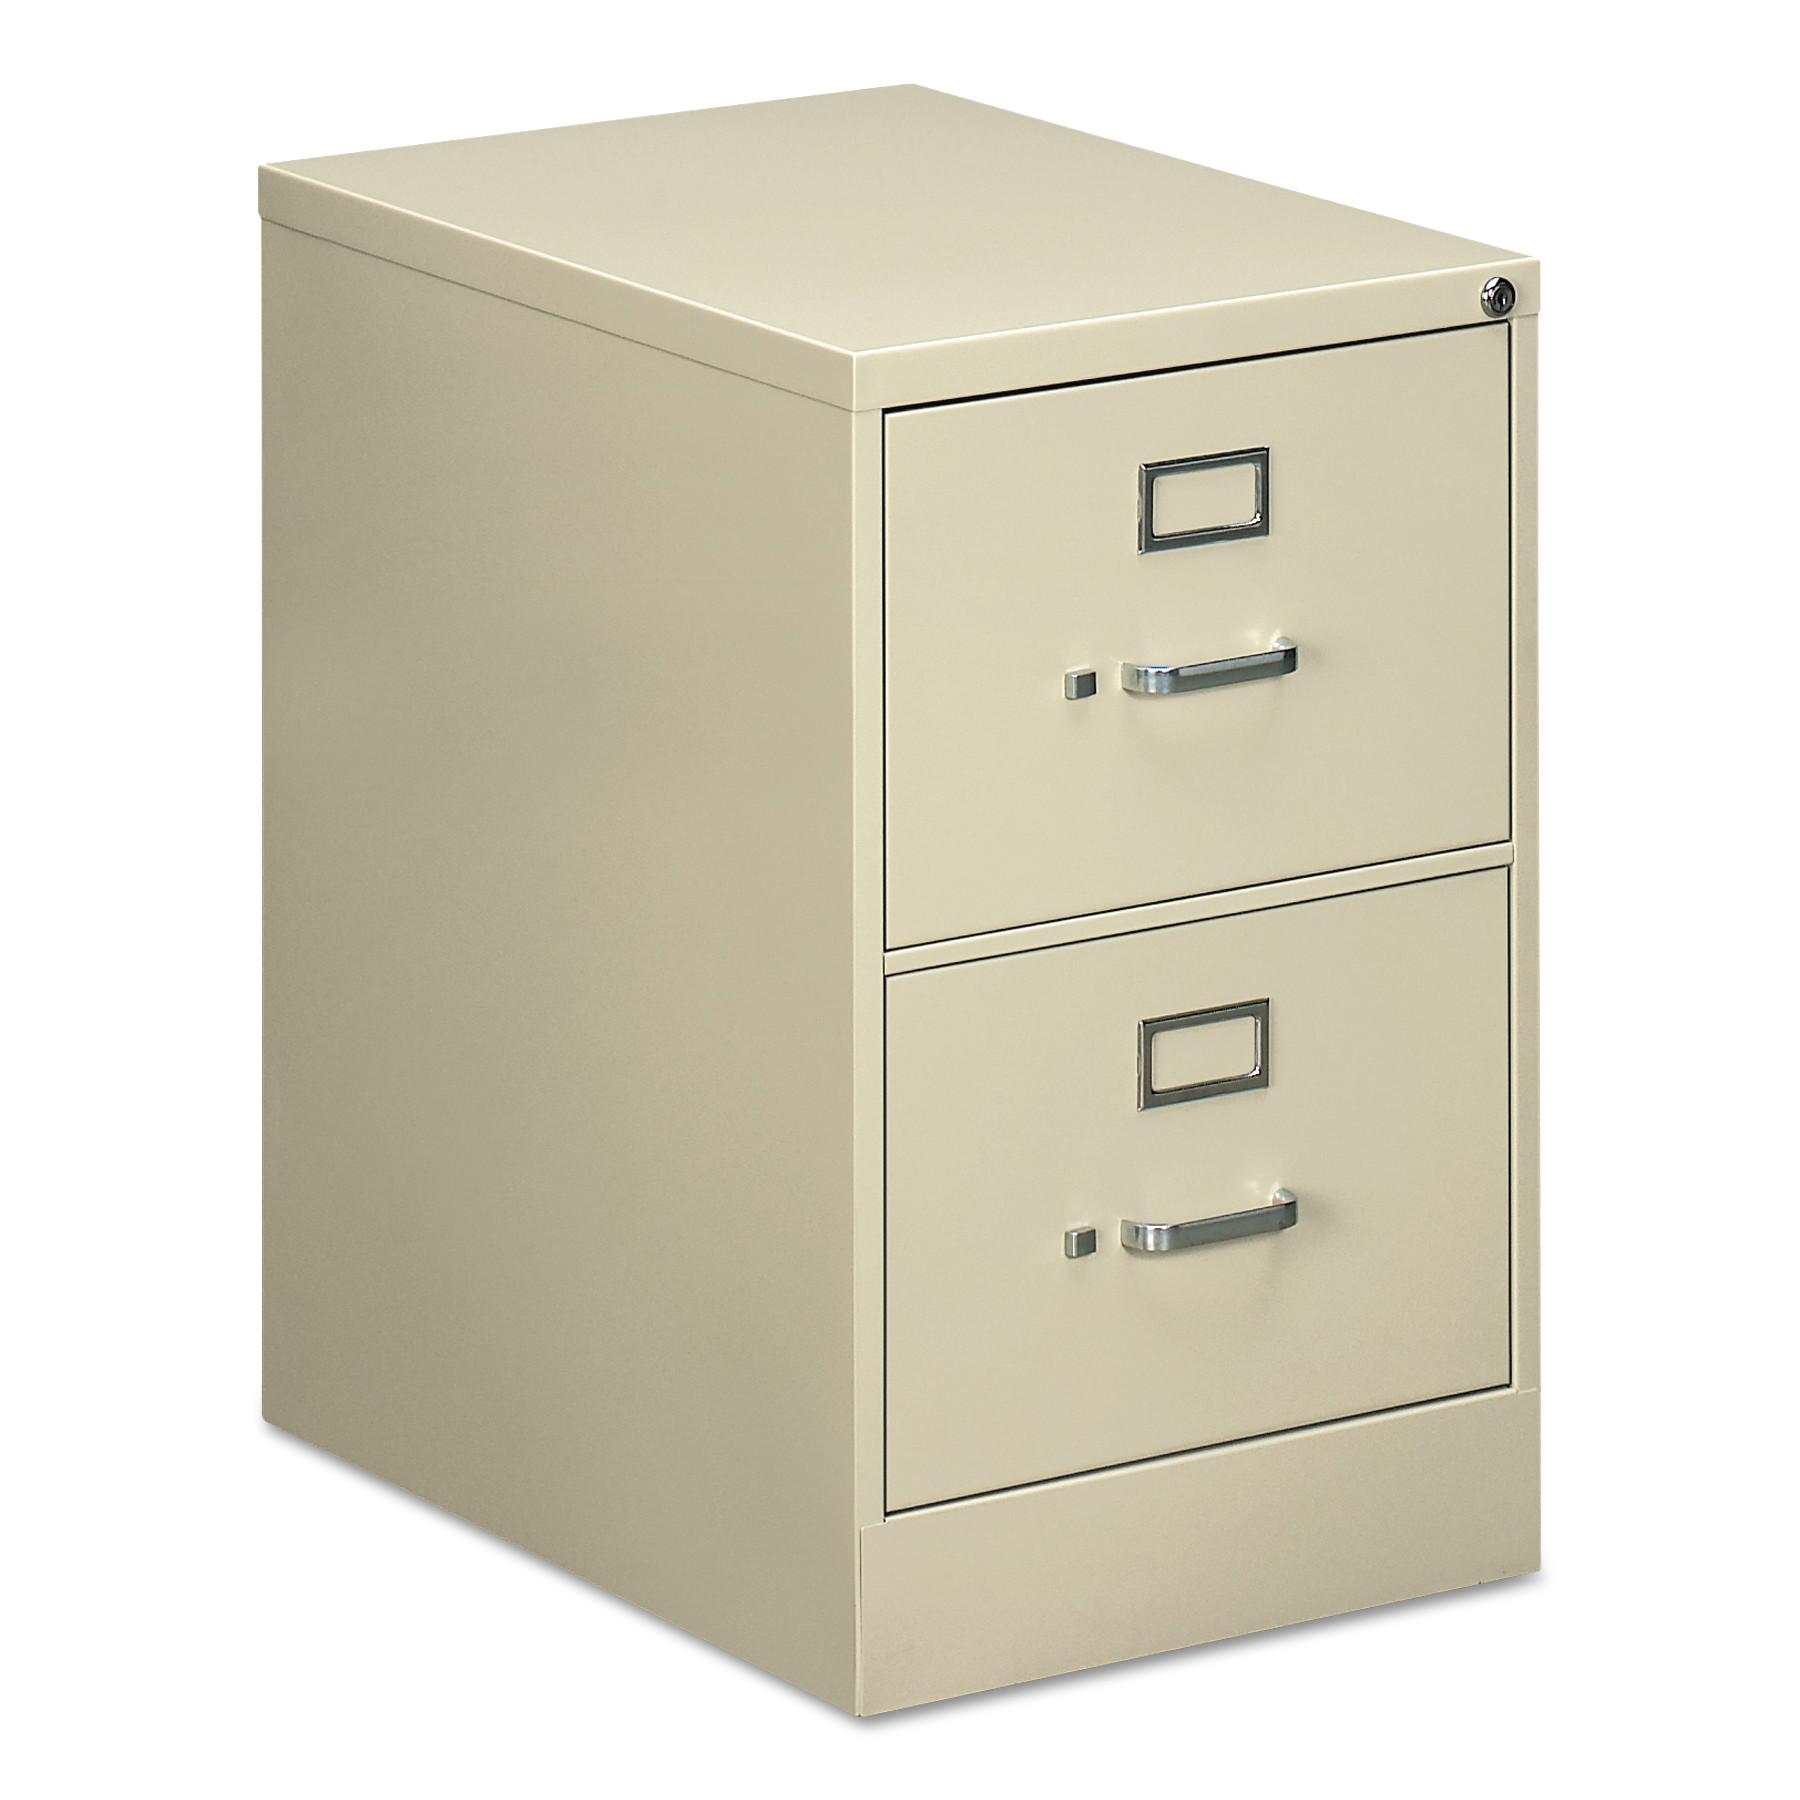 Alera Economy Vertical File Cabinet